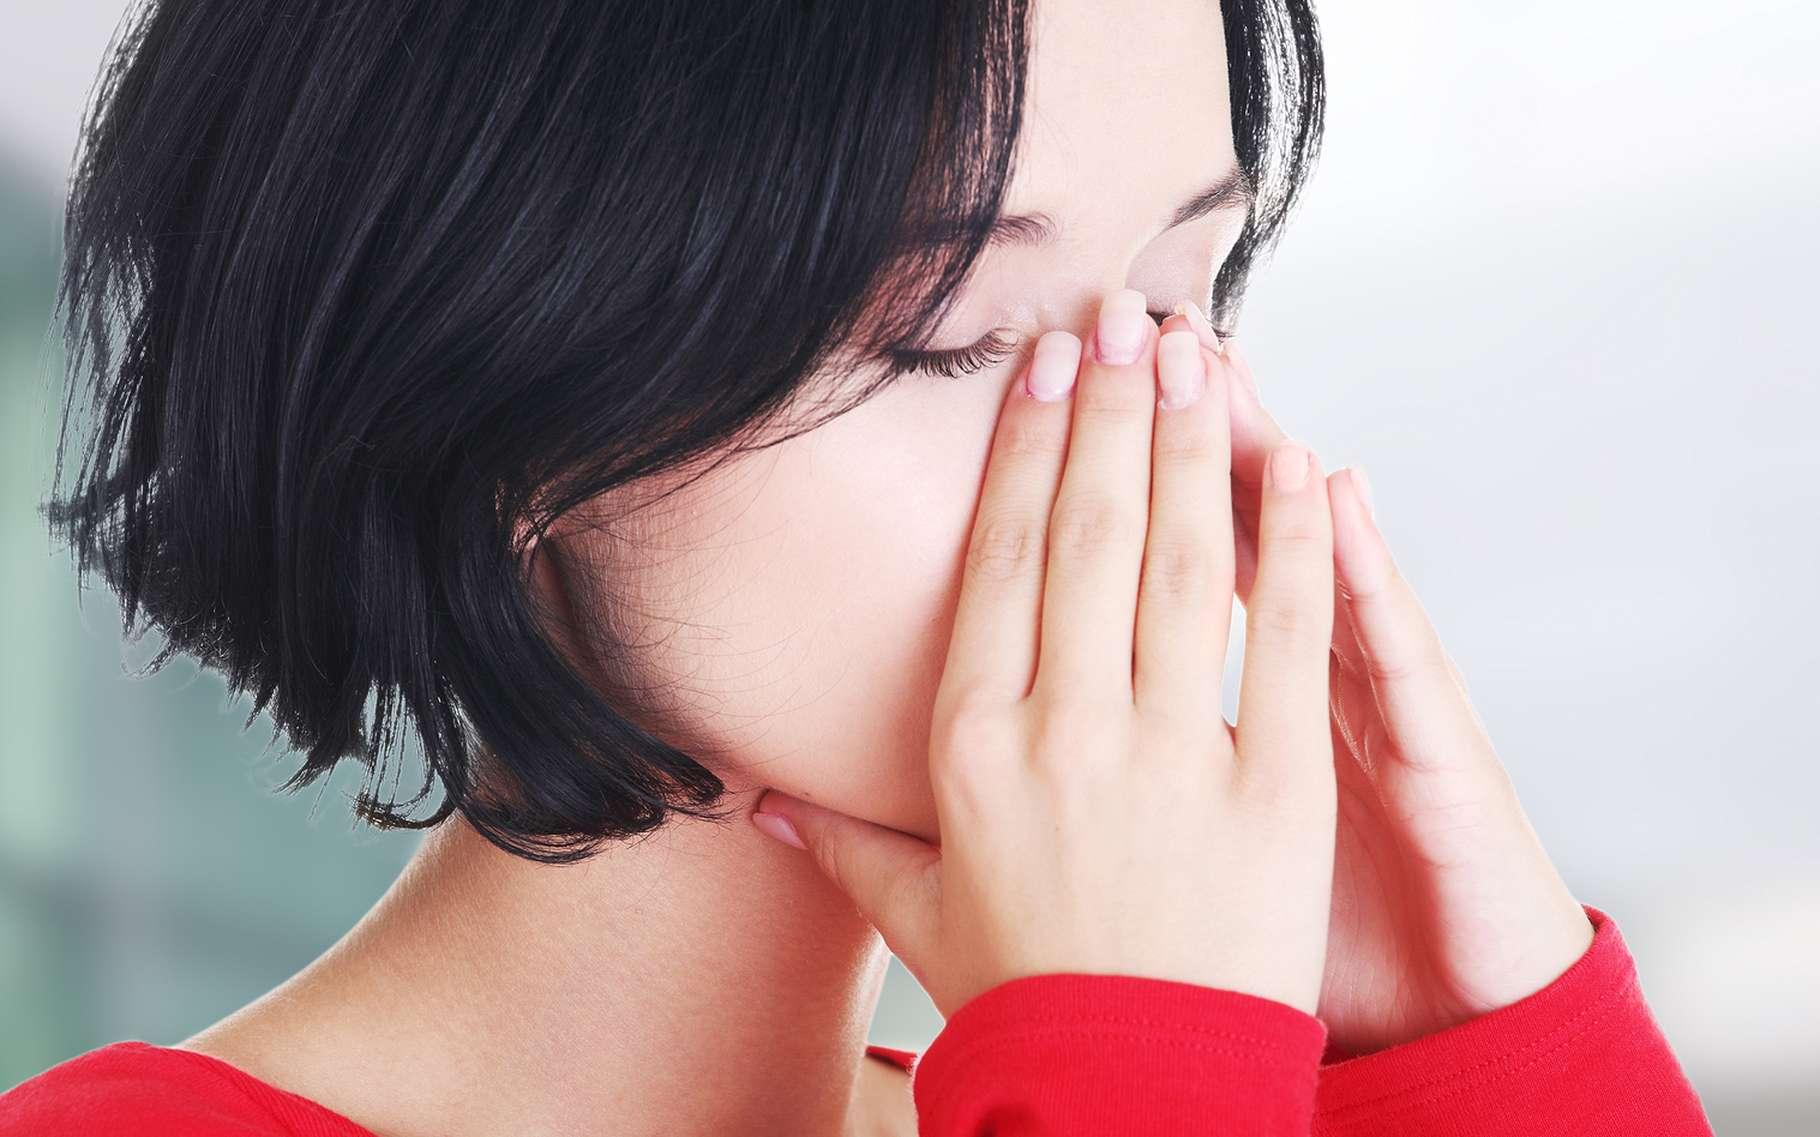 La sinusite est une inflammation des sinus liée à une infection. © Piotr Marcinski, Shutterstock